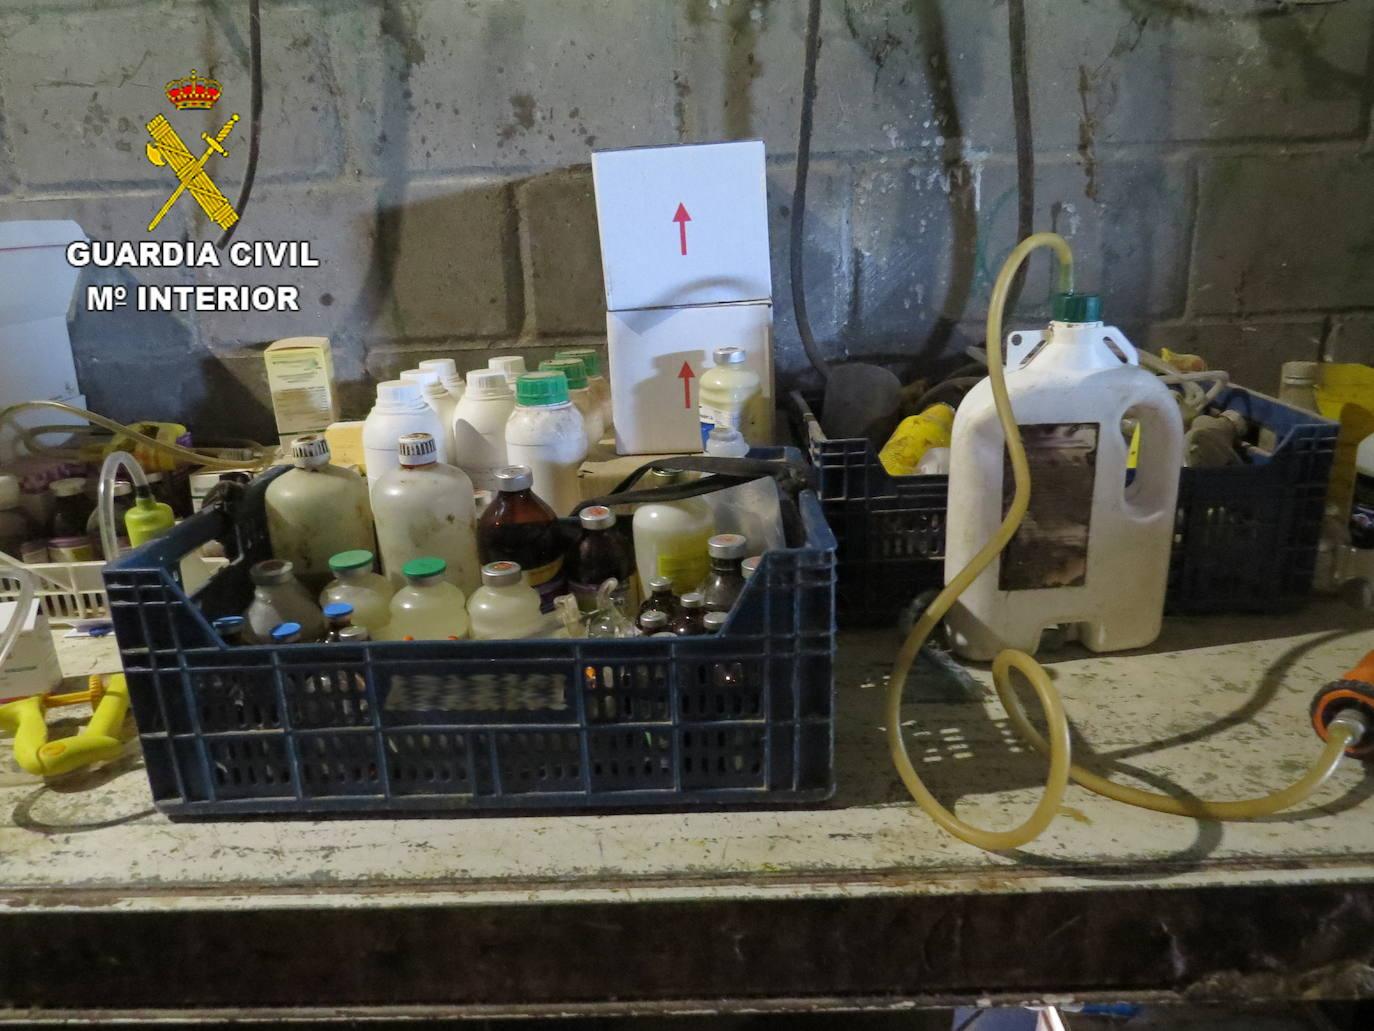 La Guardia Civil destapa una trama de administración irregular de medicamentos animales